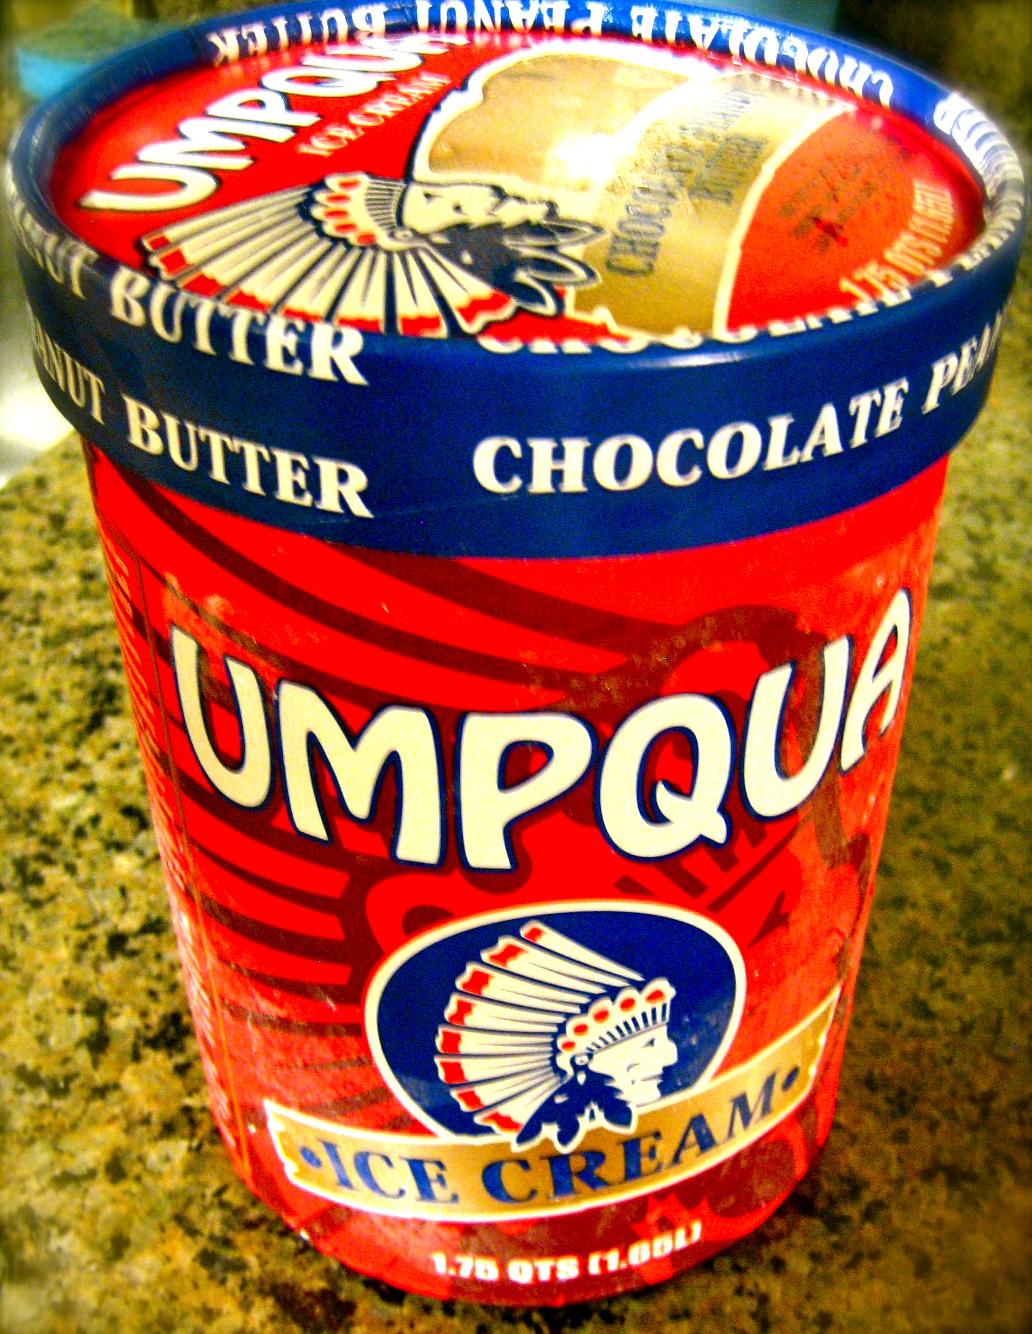 Umpqua icecream, Portland - Restaurant Reviews - TripAdvisor